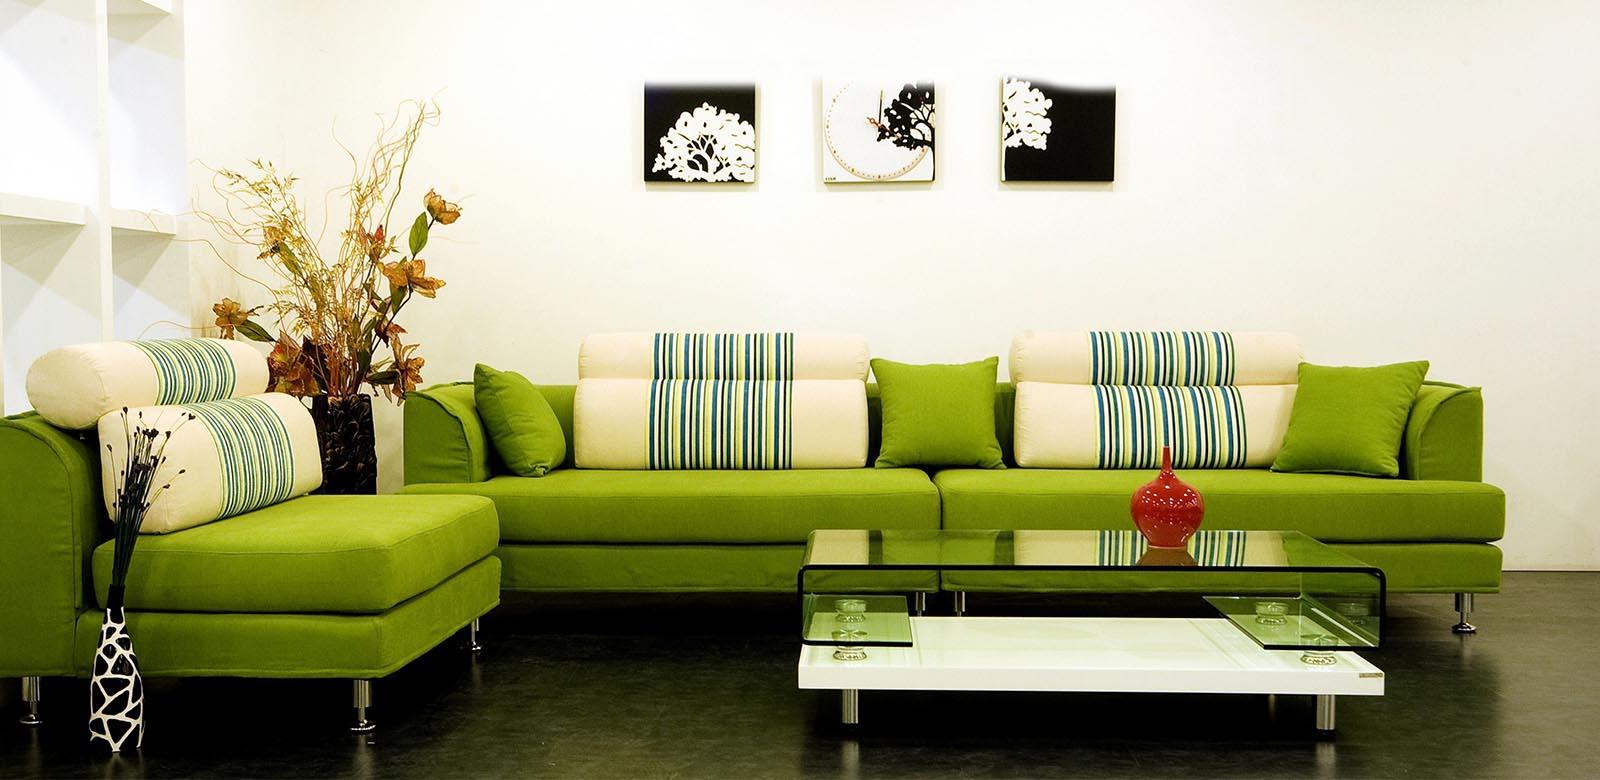 Grünes Sofa 69 Fotos Was Ist Die Kombination Von